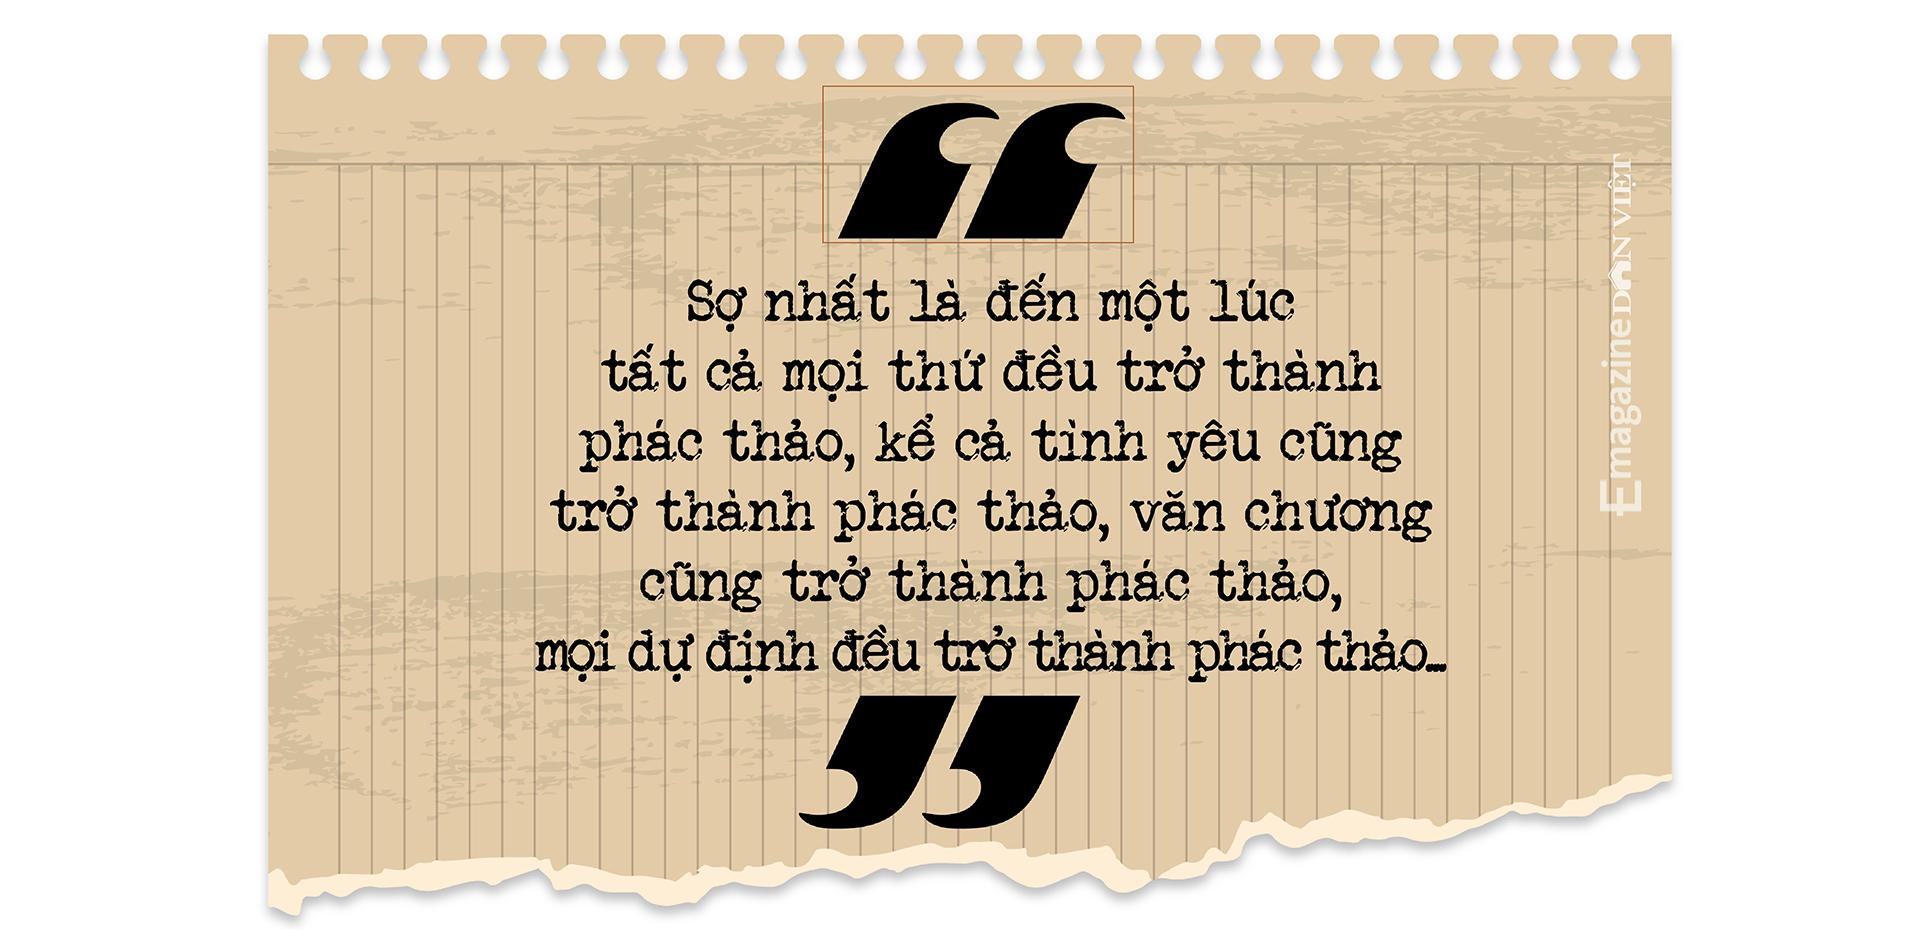 Nhà văn Nguyễn Quang Thiều: Sự đập cánh của đôi cánh tự do khác đôi chân của kẻ tuỳ tiện - Ảnh 22.